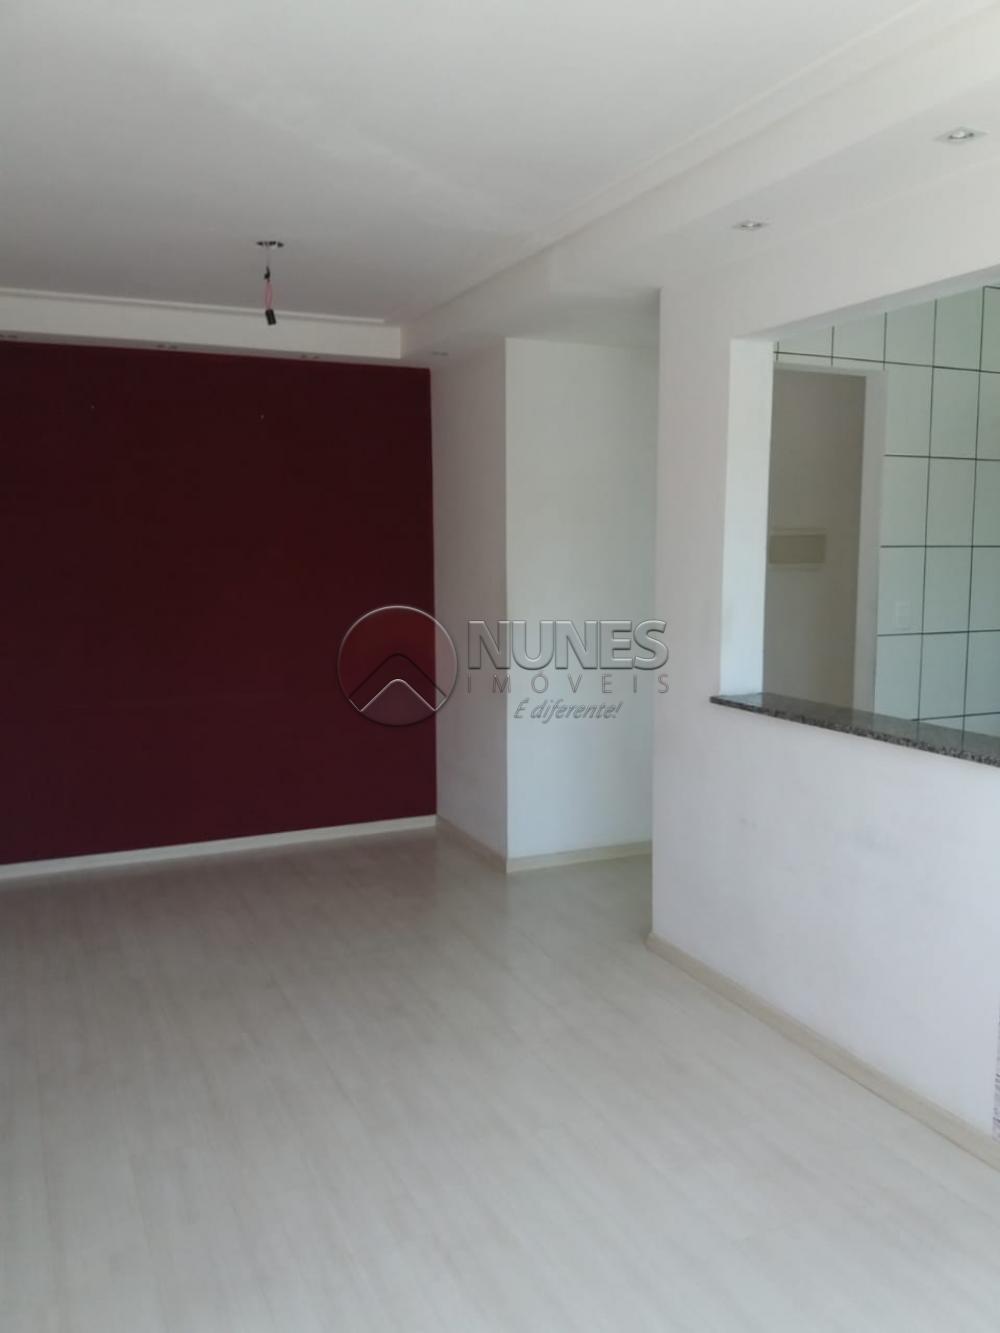 Comprar Apartamento / Padrão em Osasco apenas R$ 229.000,00 - Foto 7